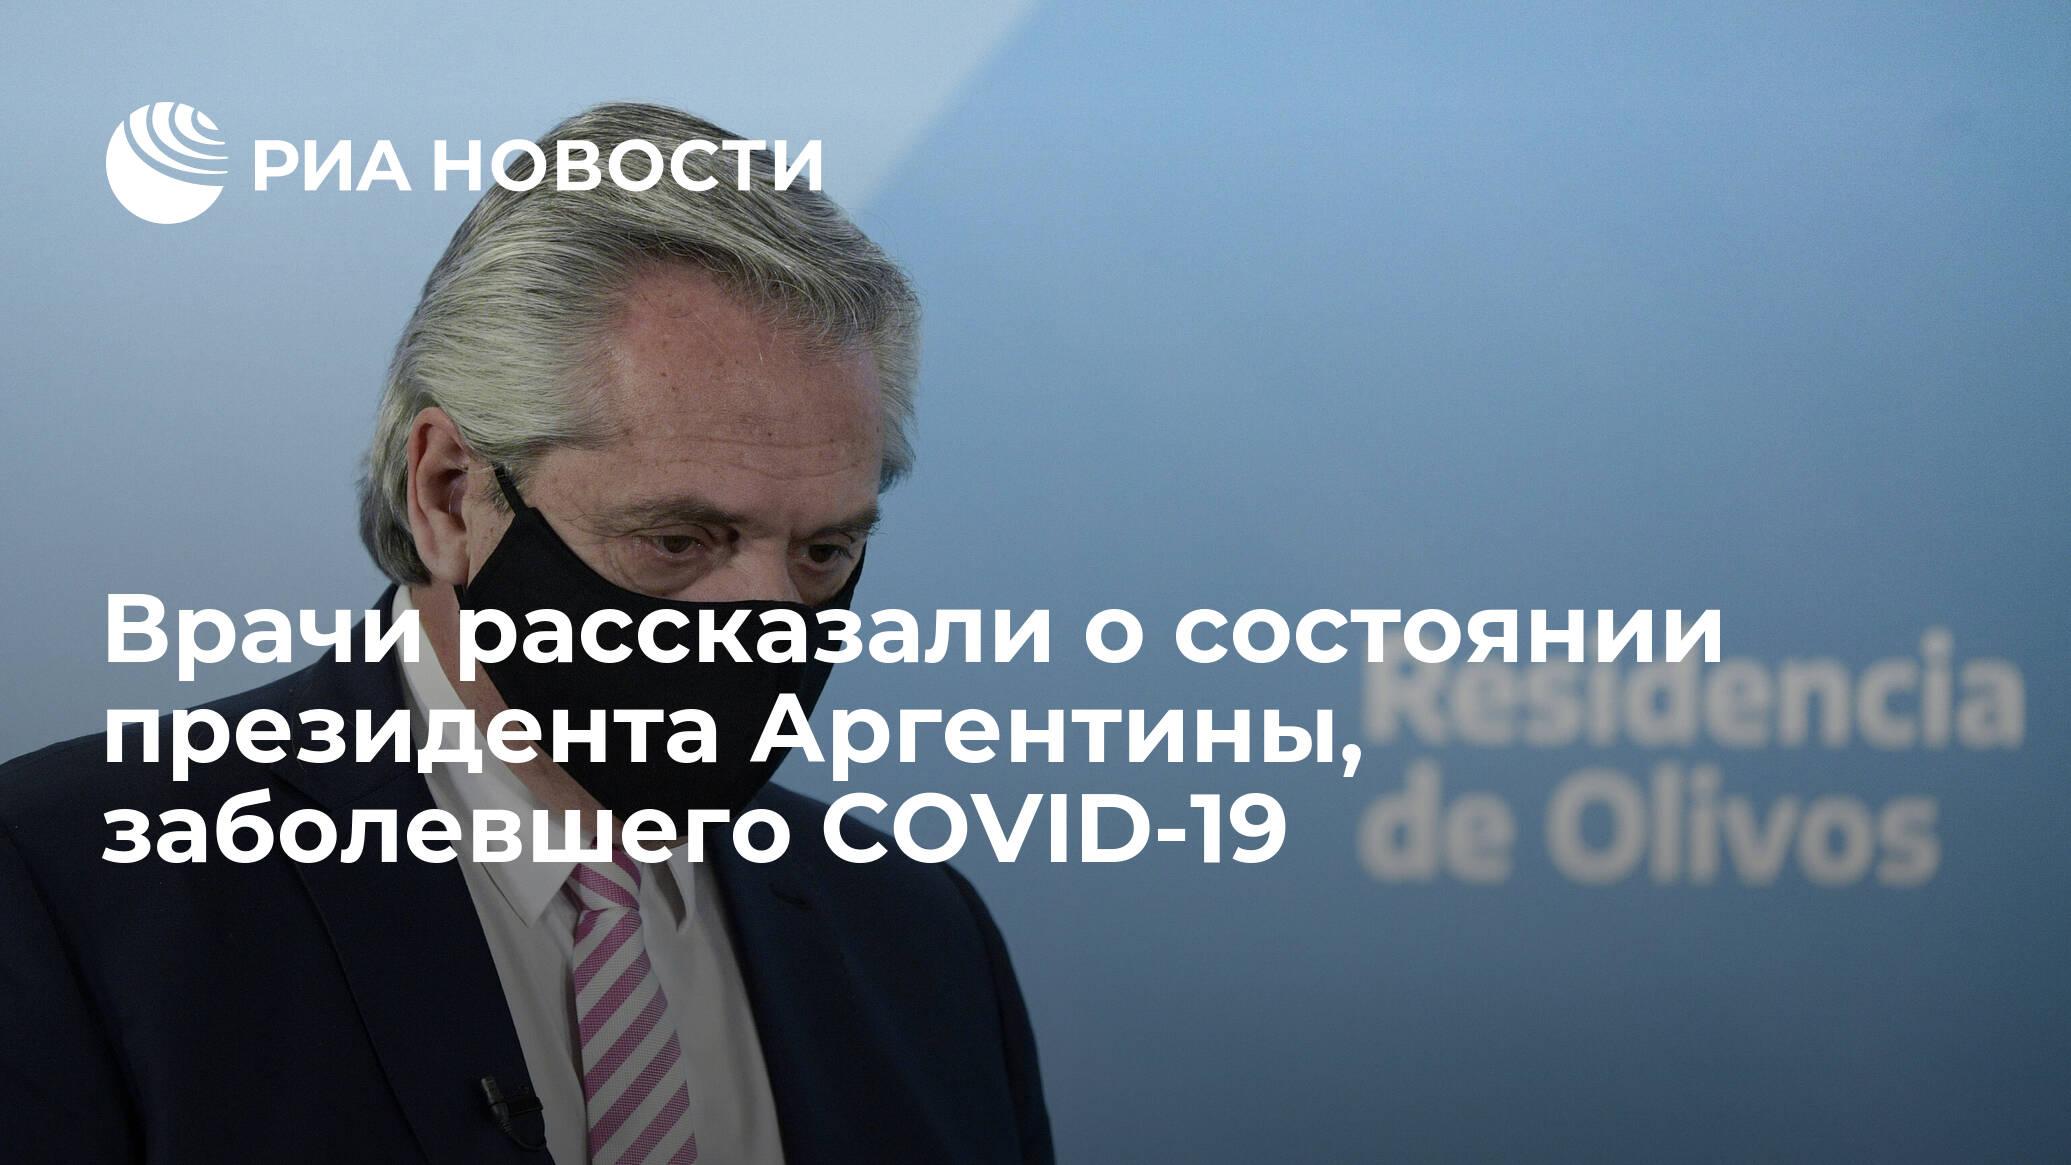 Врачи рассказали о состоянии президента Аргентины, заболевшего COVID-19